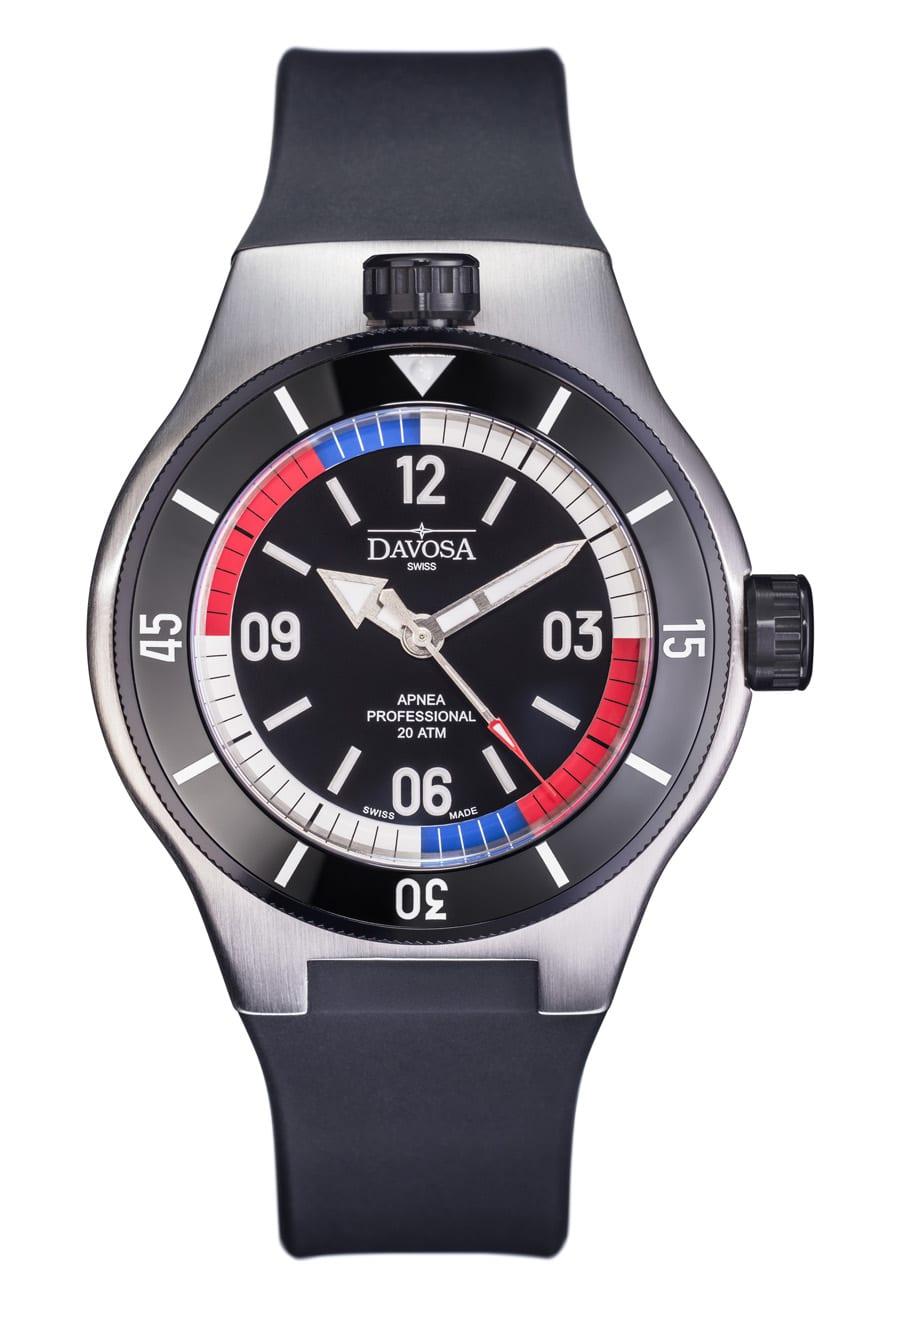 Davosa: Apnea Diver Automatic kostet 1.048 Euro